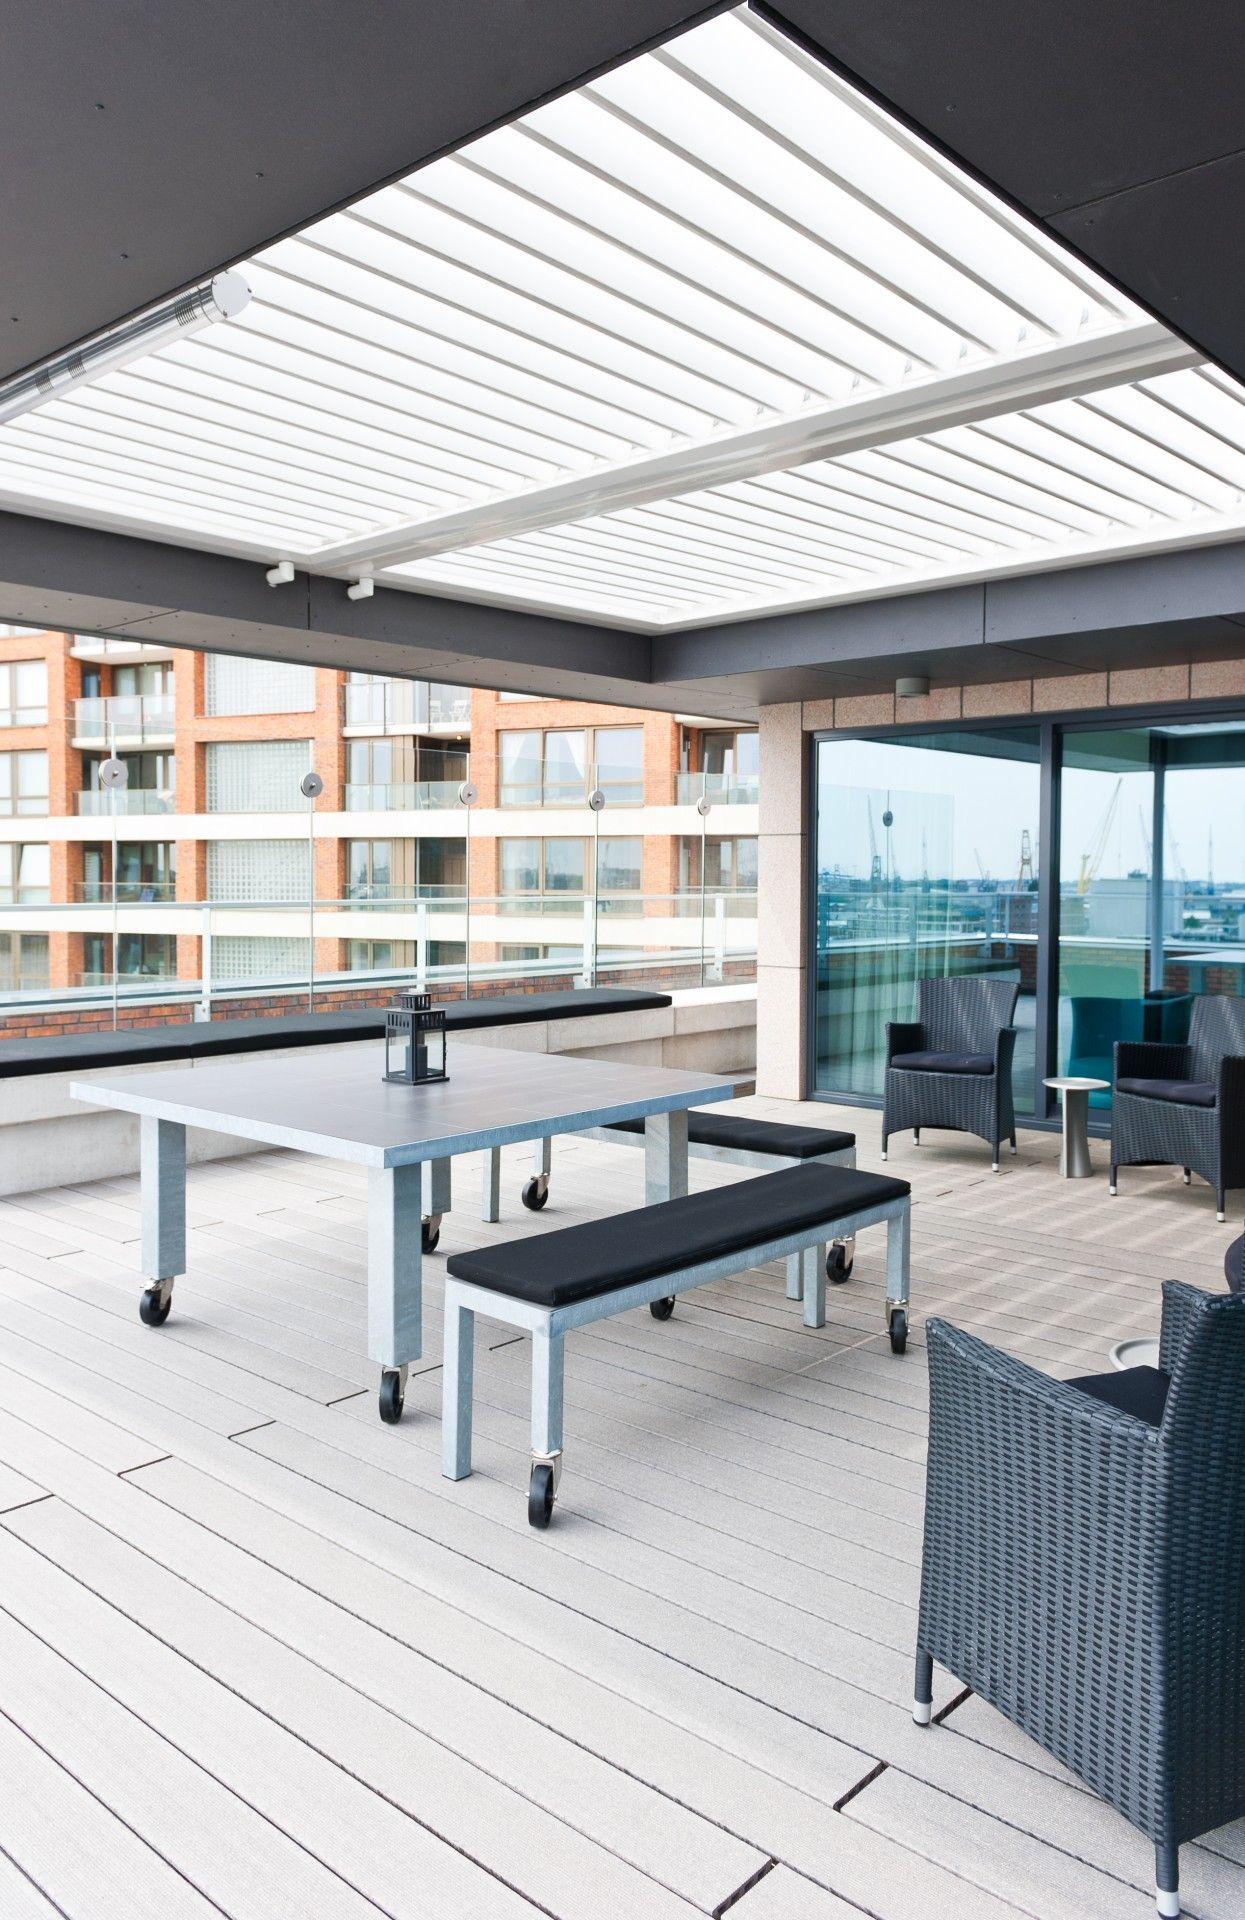 Livium louvredaken reduceren het daglichtverlies in de woning van een veranda of overkapping Tevens functioneren